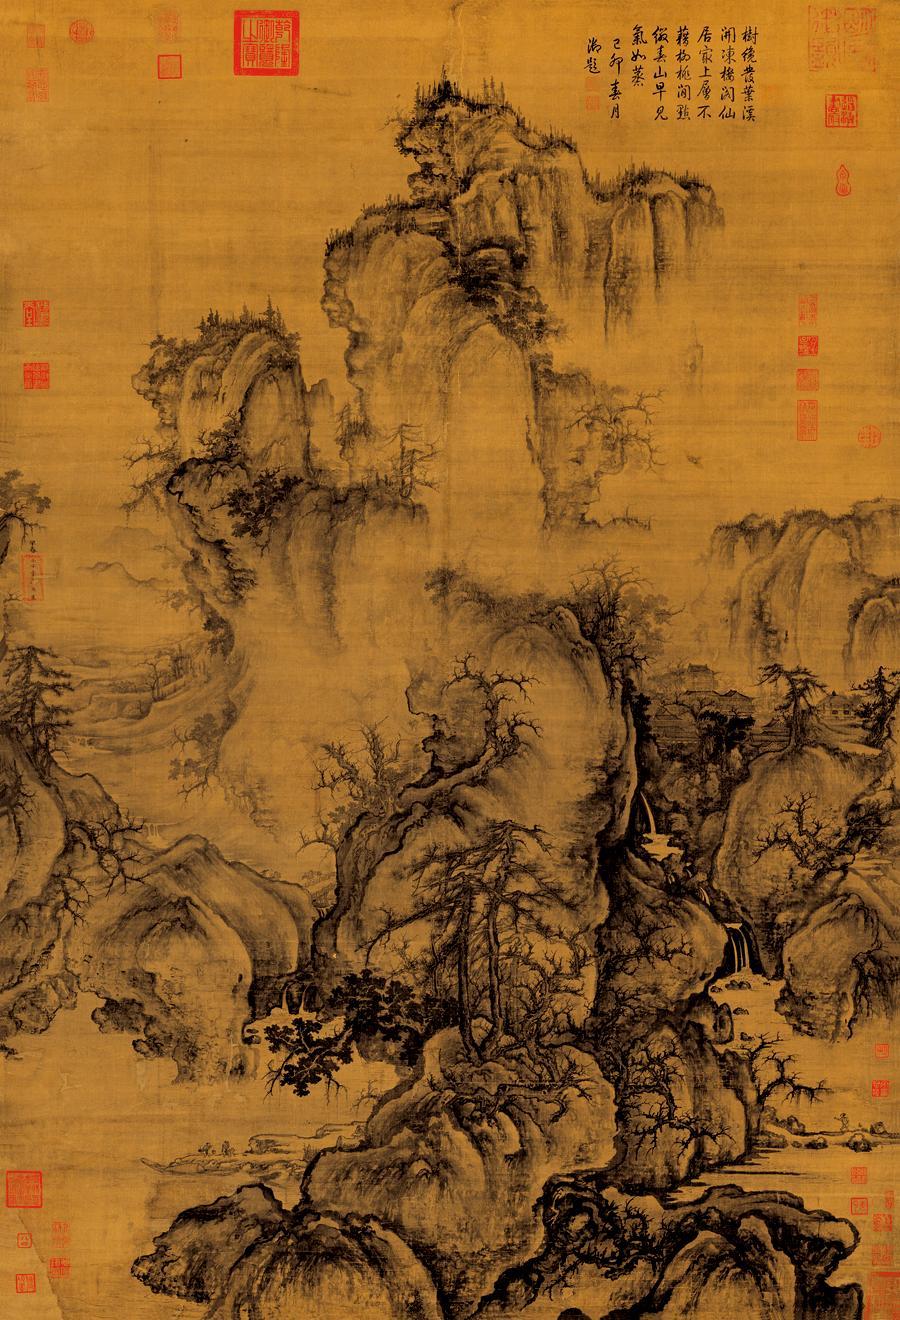 Eating Hsu : 討論「谿山行旅圖」與「早春圖」